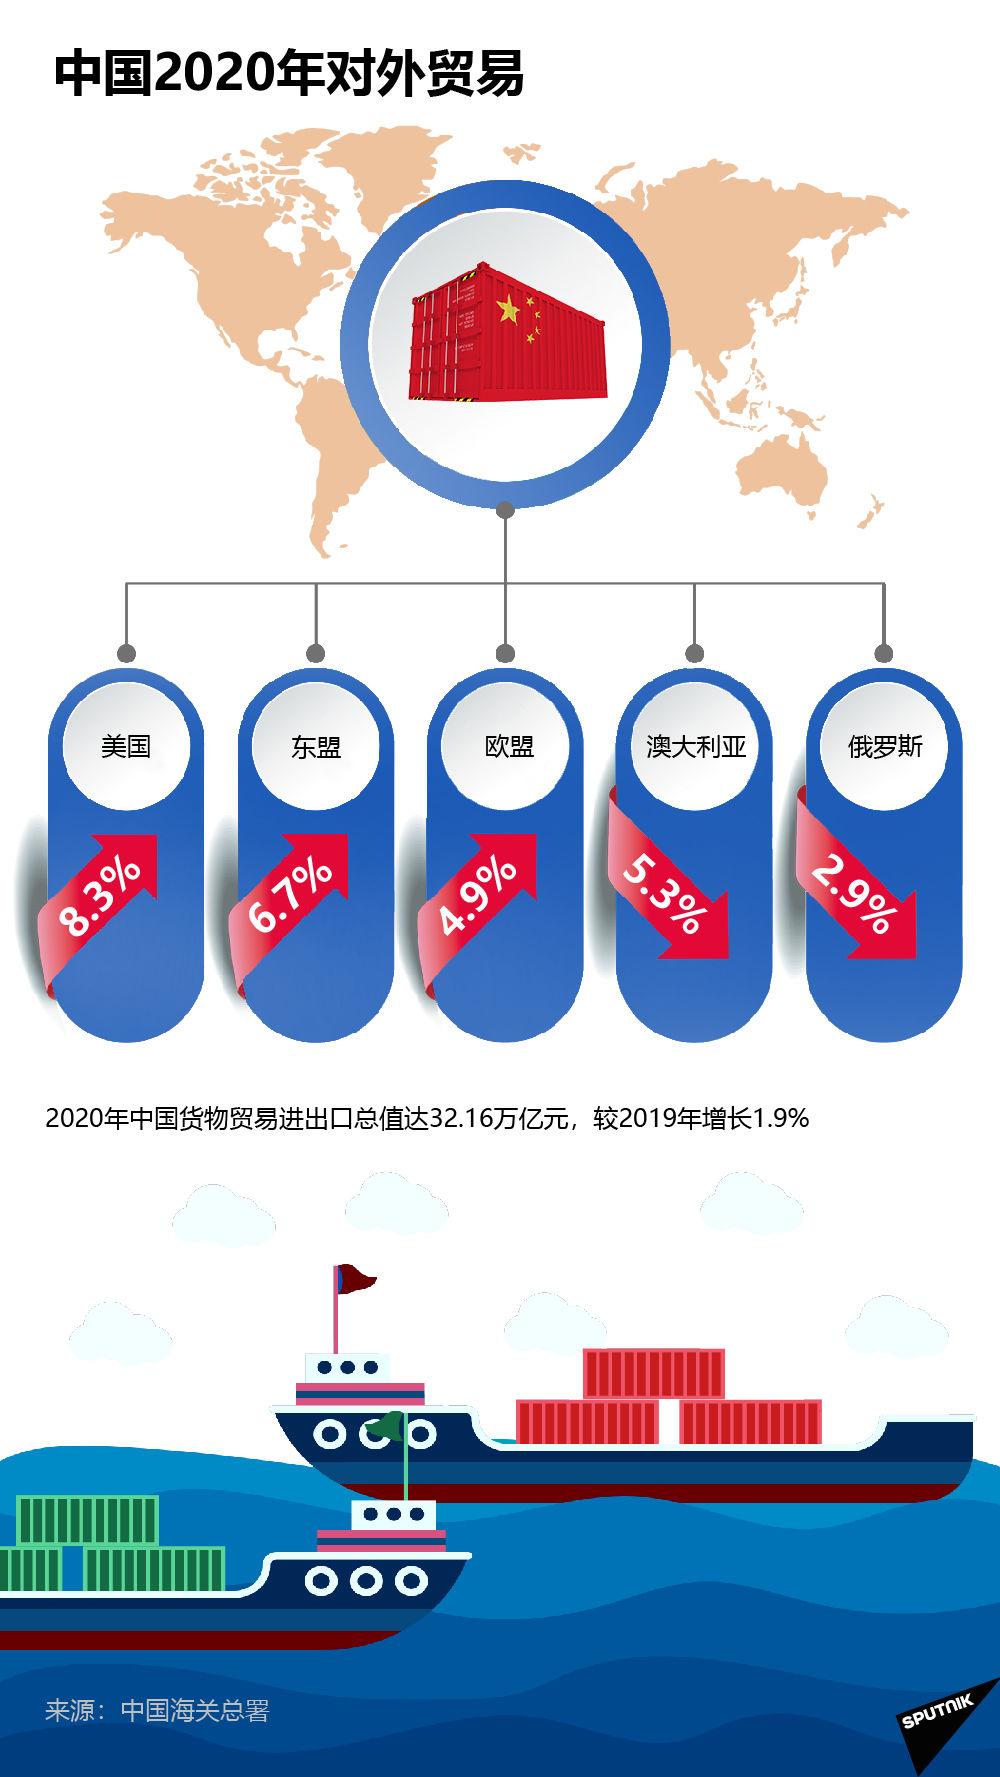 中国2020年对外贸易